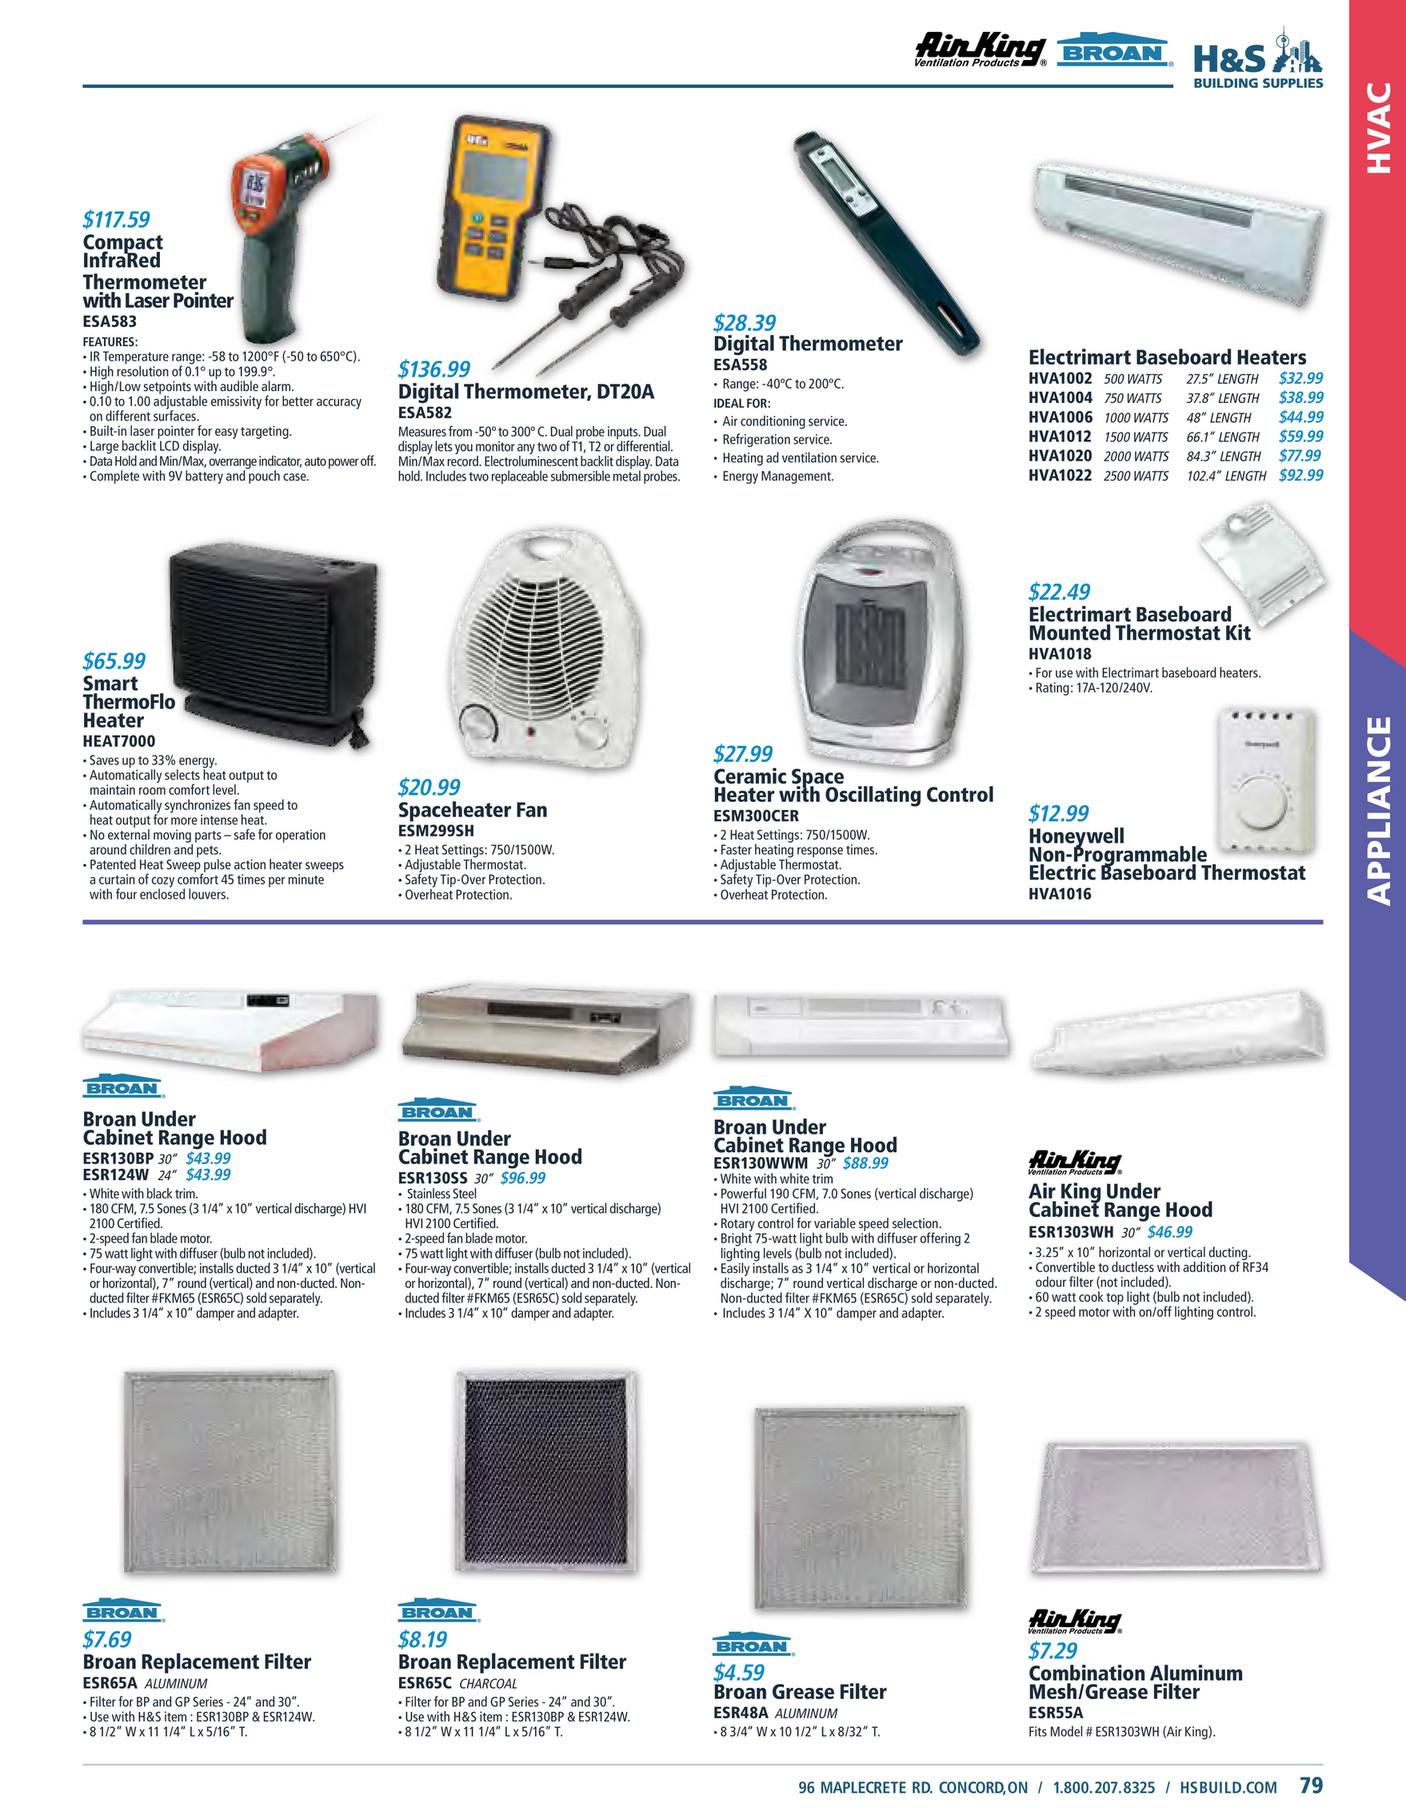 H&S Build - Maintenance Super Specials - Page 80-81